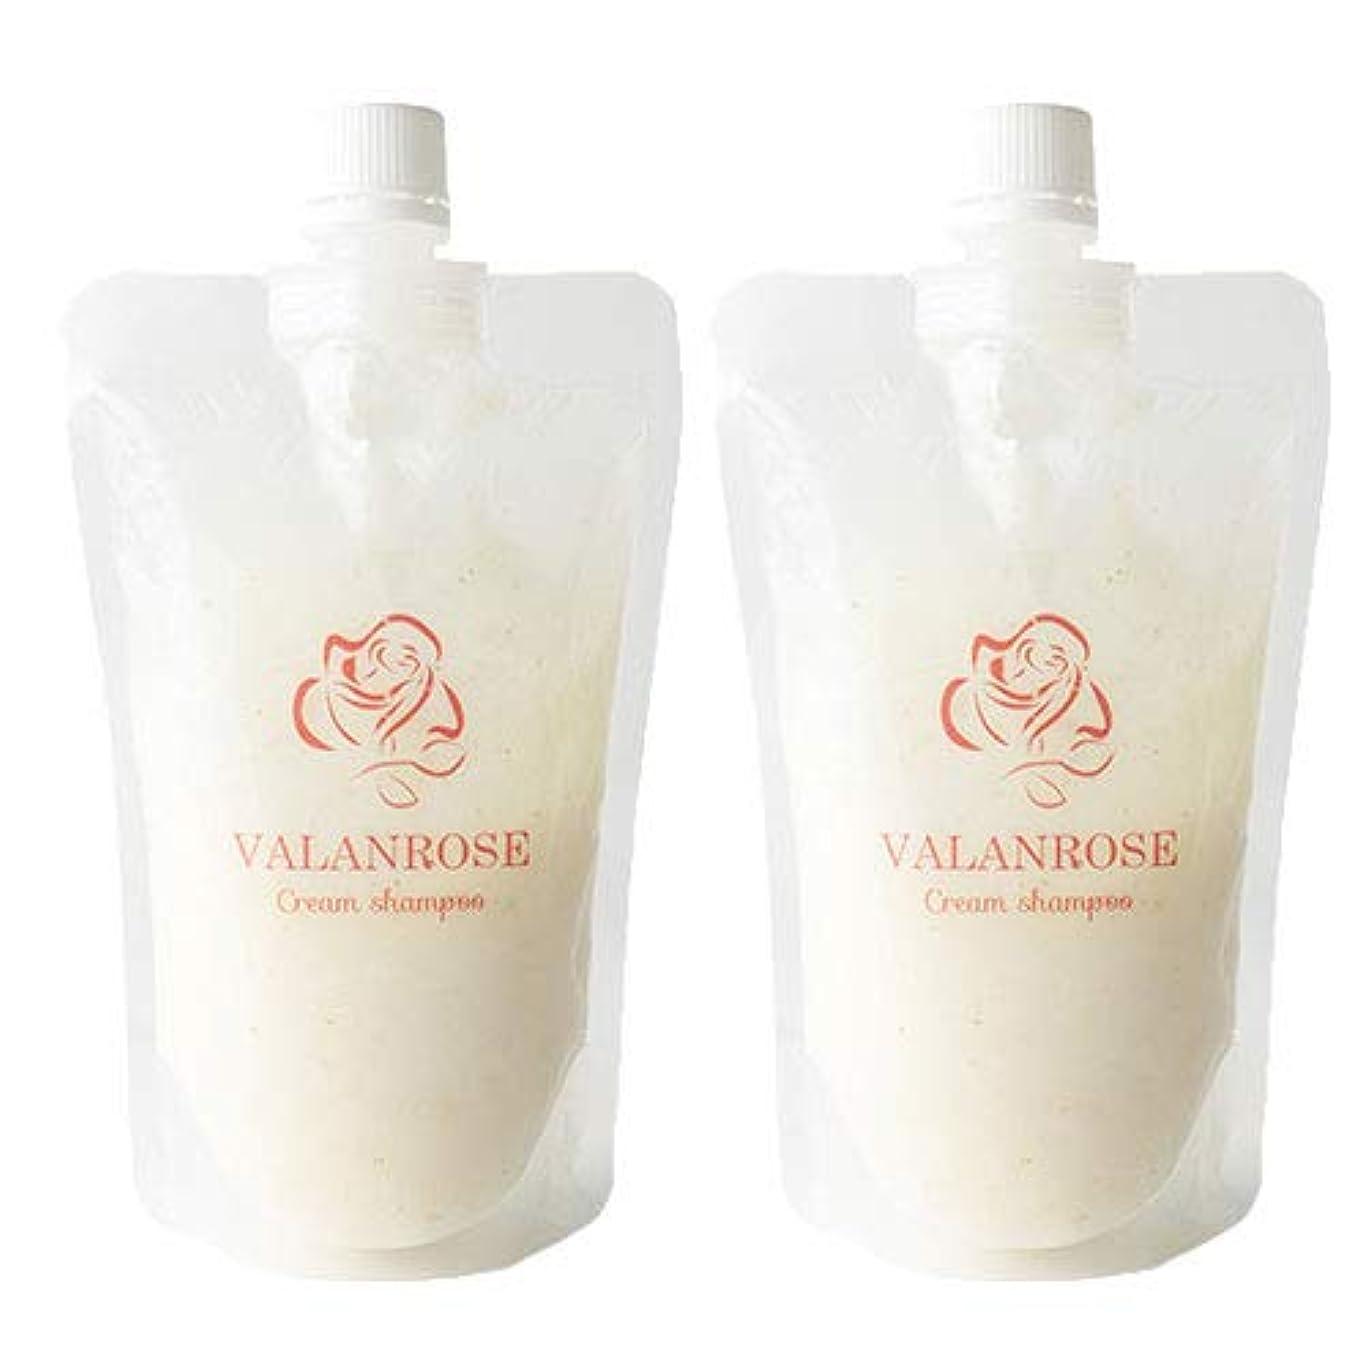 分布自動化証拠バランローズ クリームシャンプー2個×1セット VALANROSE Cream shampoo/シャンプー クリームシャンプー 髪 ヘアケア